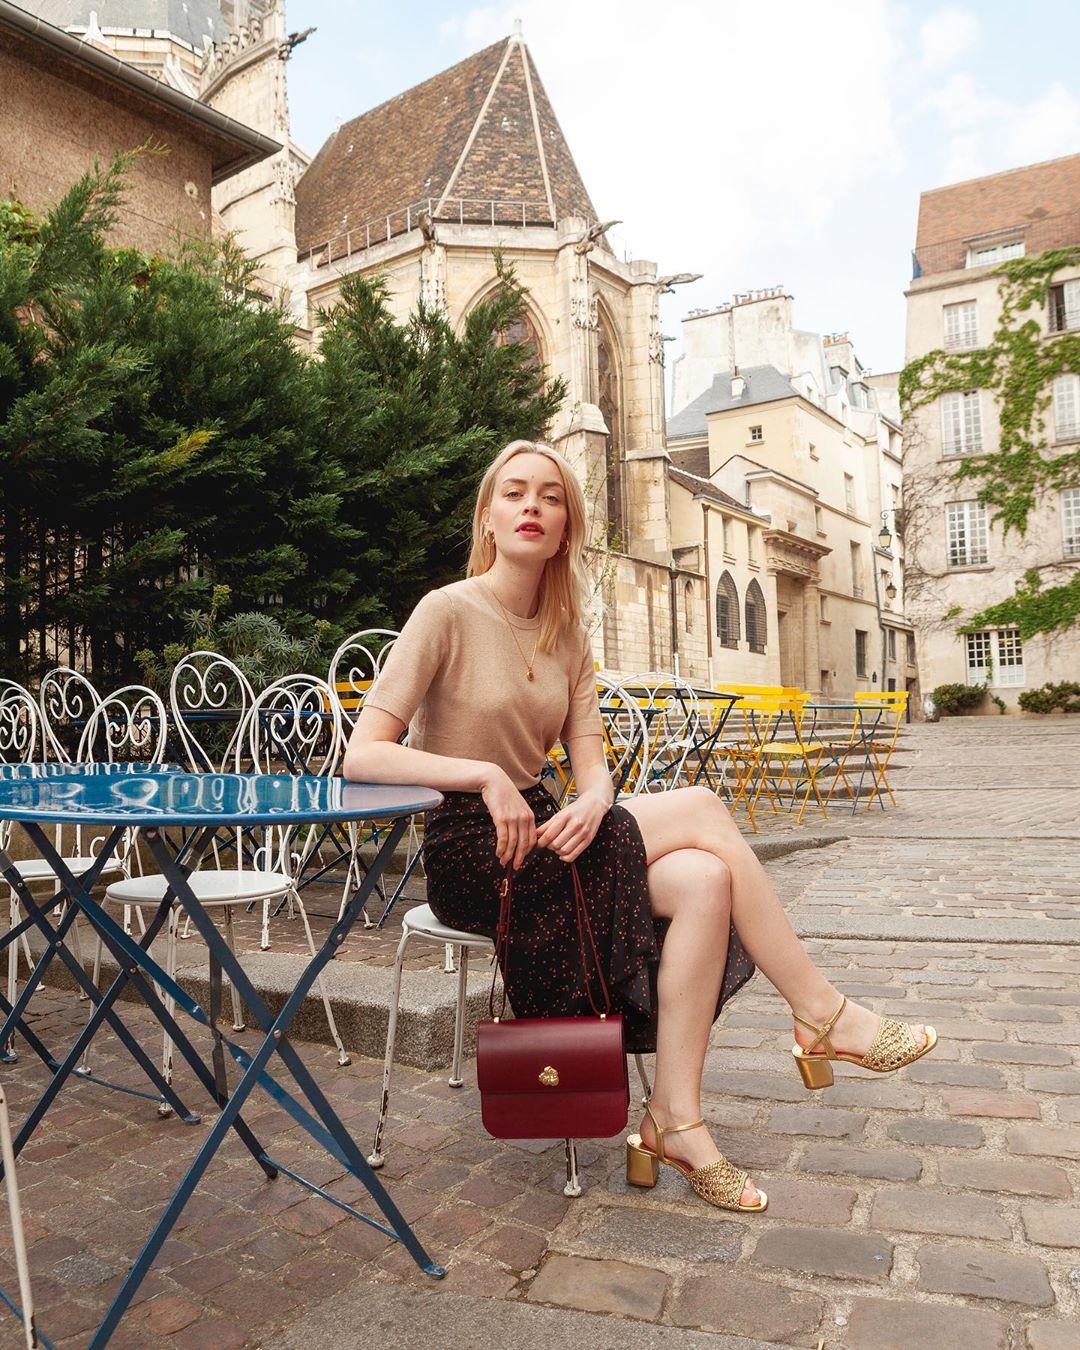 4 mẫu chân váy xinh như mộng được phụ nữ Pháp si mê từ năm này qua tháng khác, bạn sắm theo là style đã 'lên đời' rồi - Ảnh 3